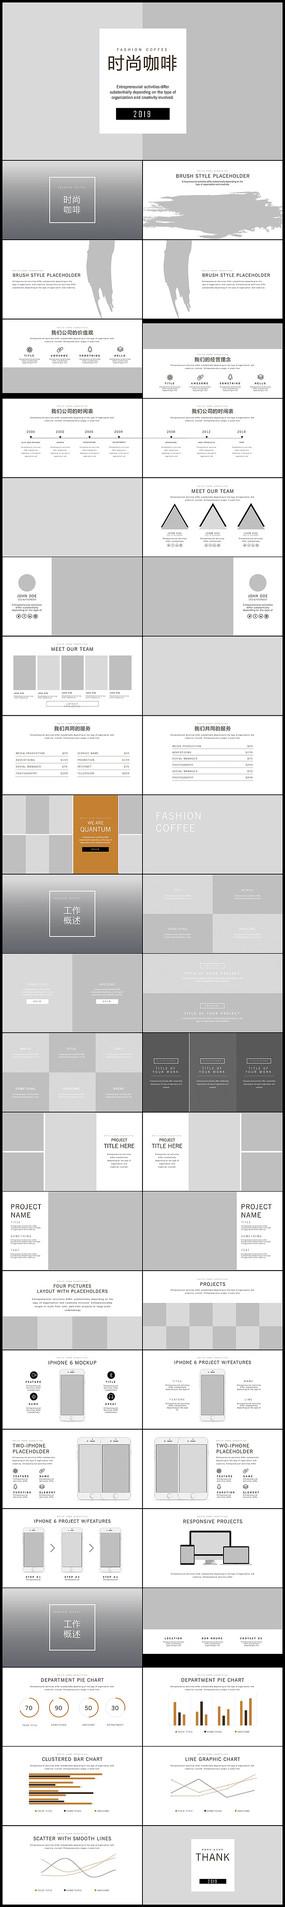 咖啡下午茶美食餐饮咖啡店宣传PPT模板